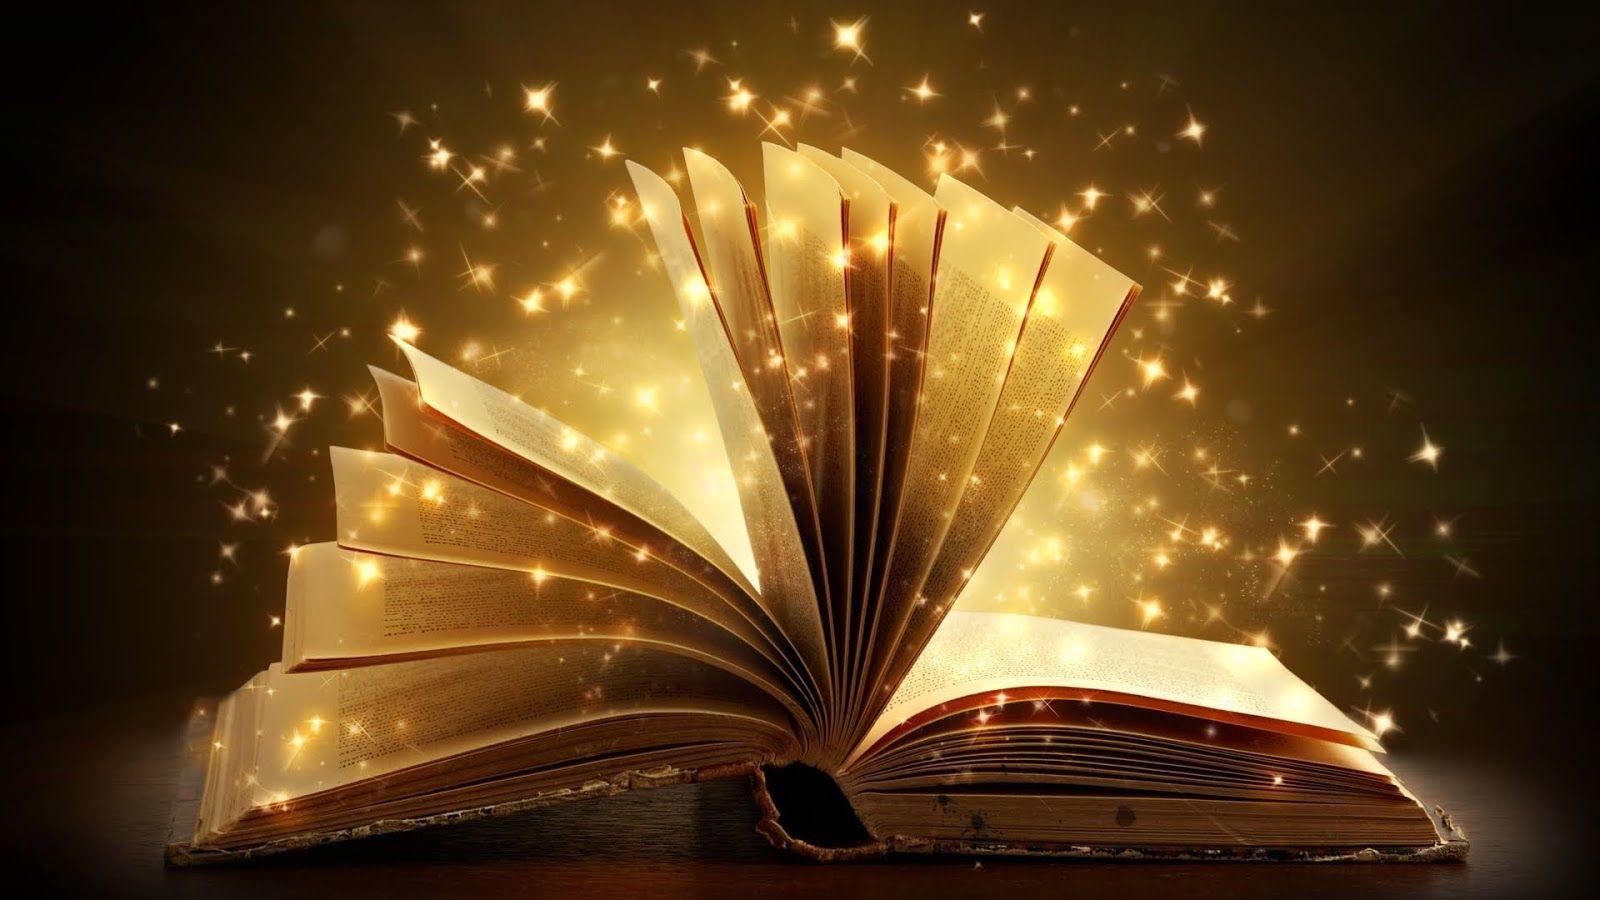 تصویری ا زیک کتاب که حس جادو را القا میکند